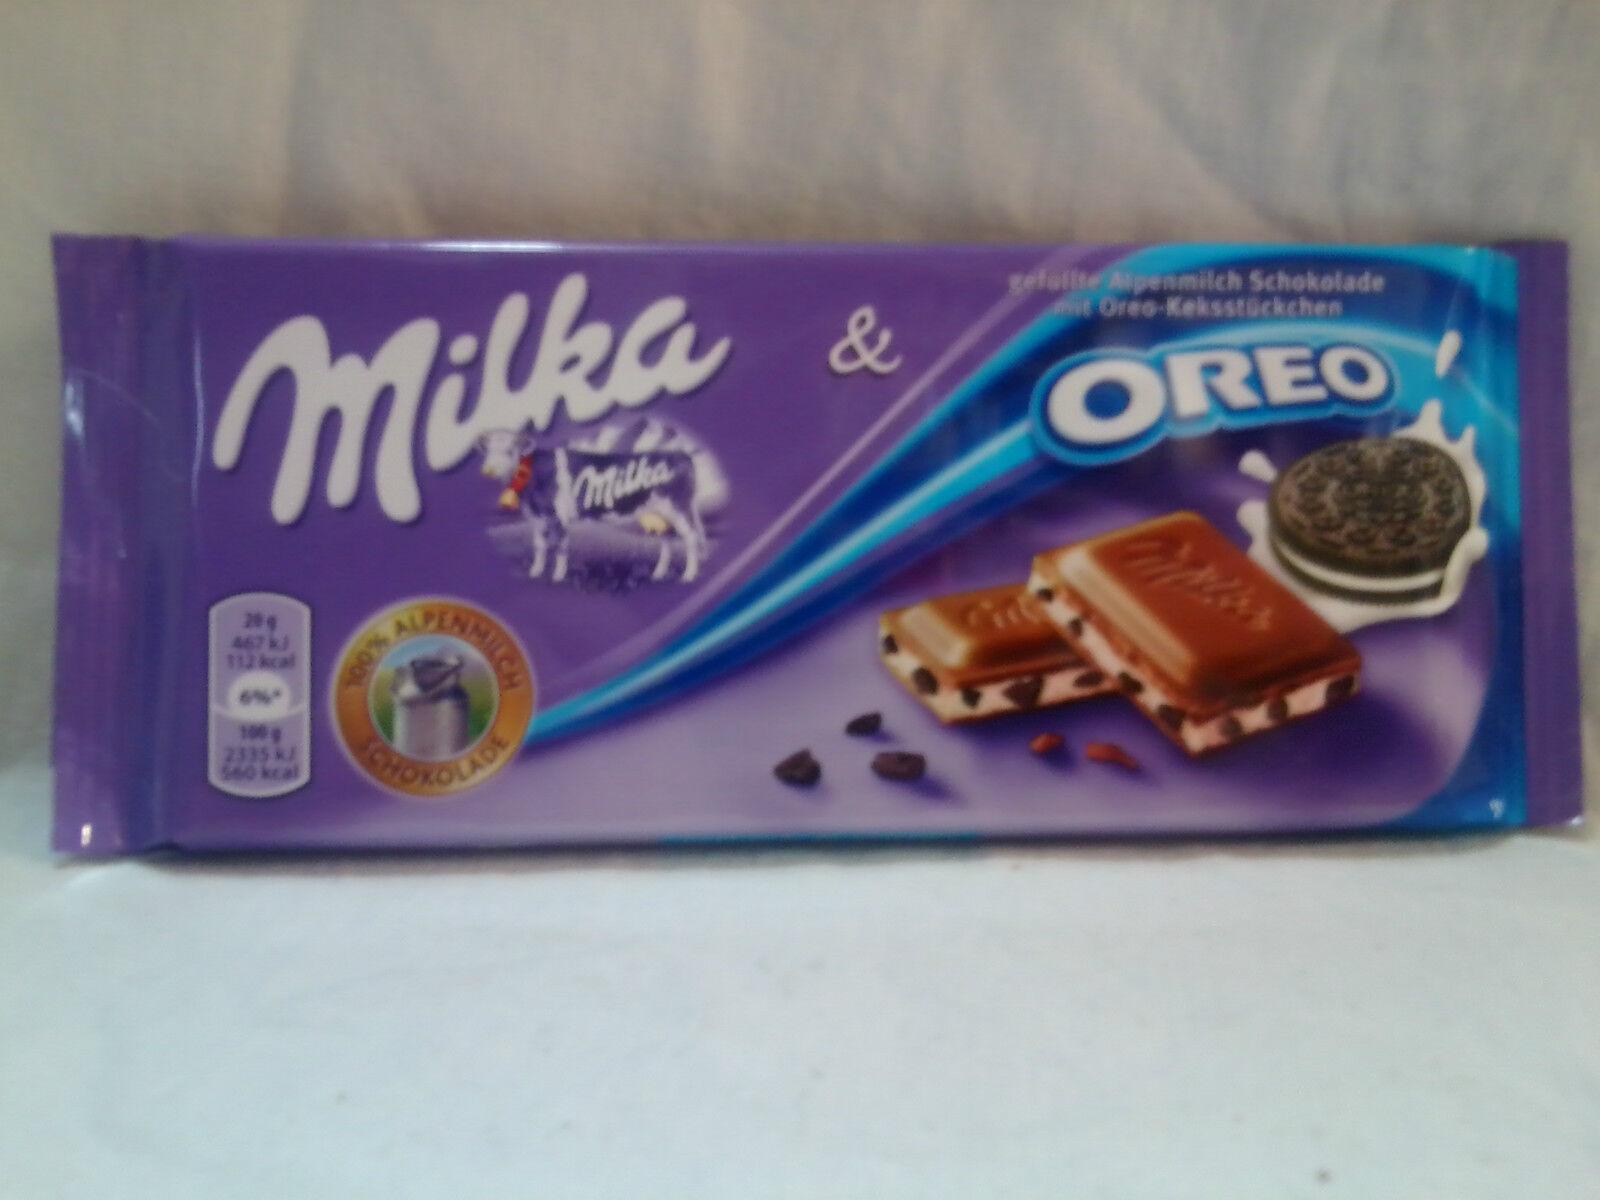 10 Tafeln Milka Alpenmilch Schokolade mit Oreo gefüllt zu je 100g